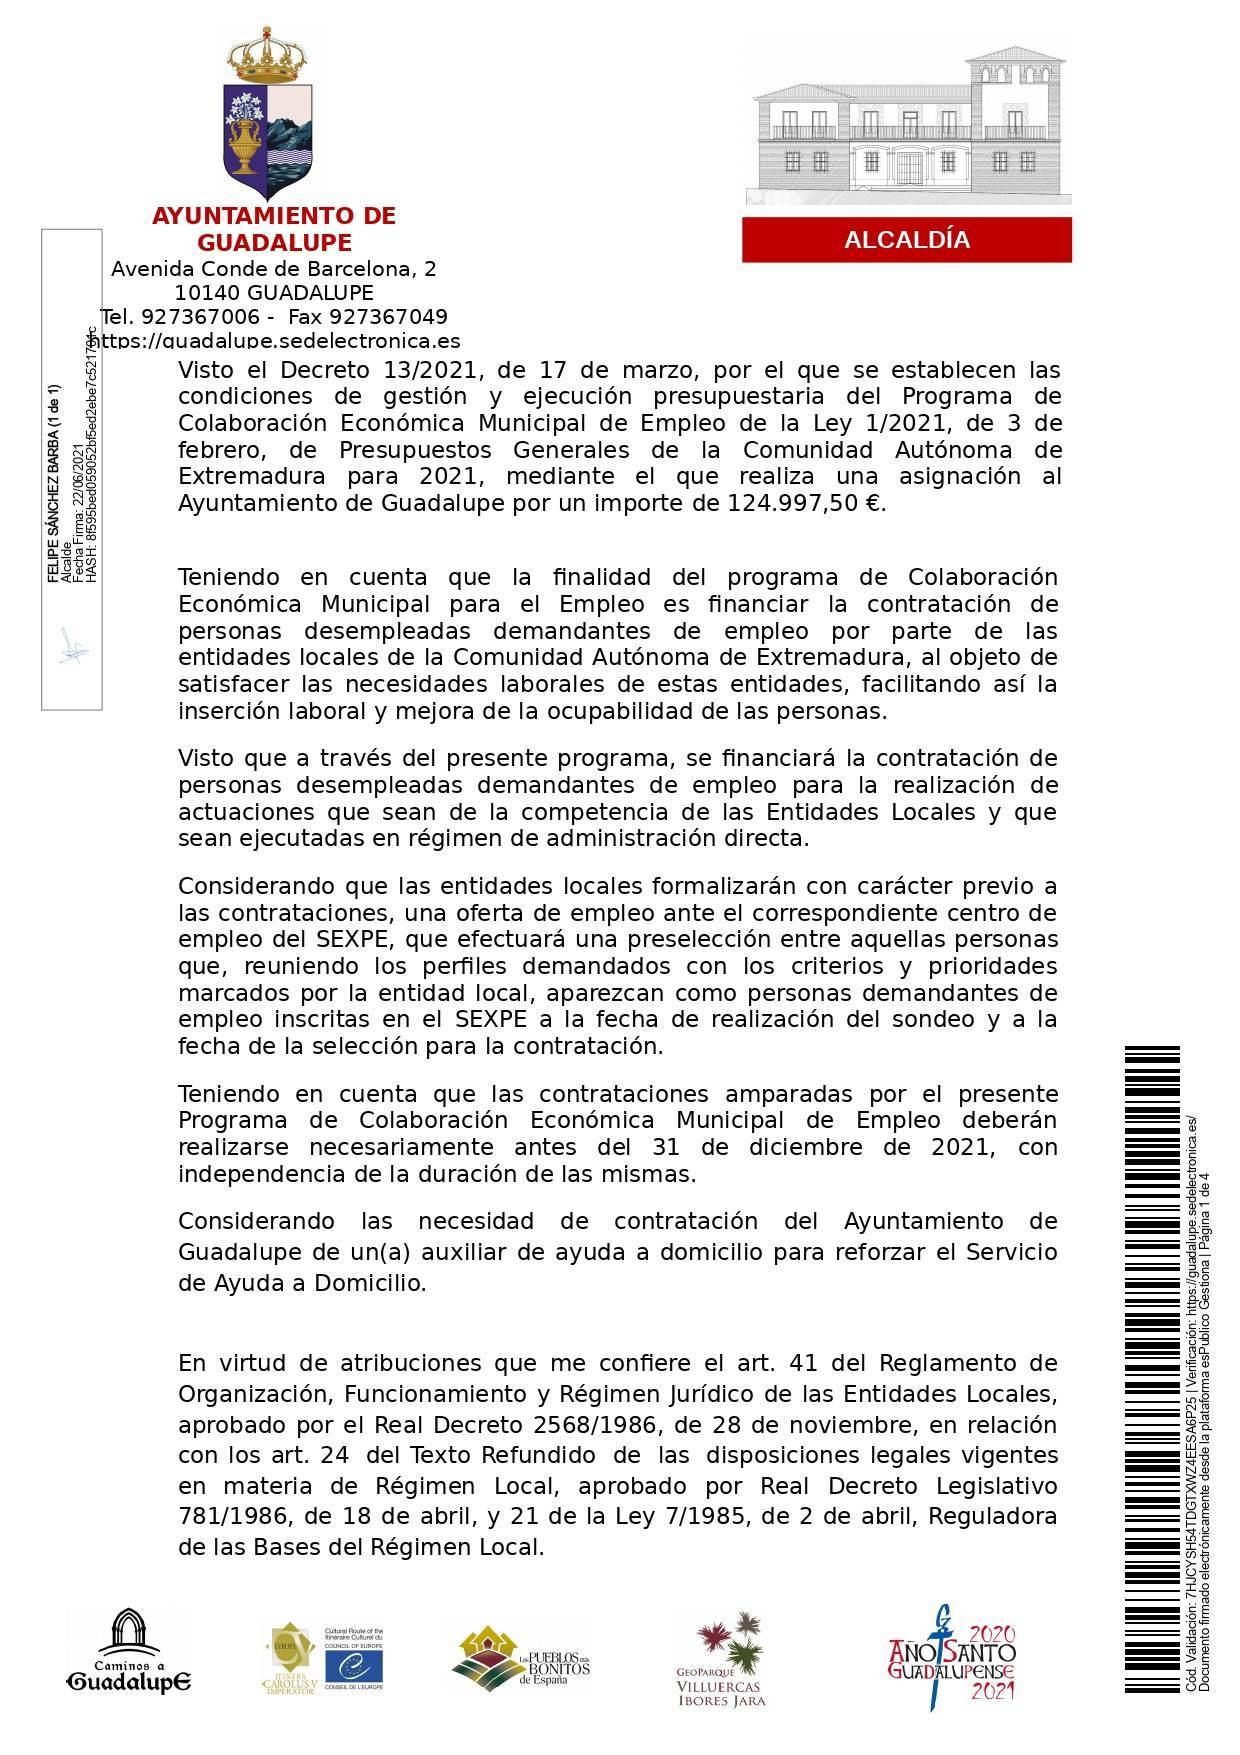 Auxiliar de ayuda a domicilio (2021) - Guadalupe (Cáceres) 1